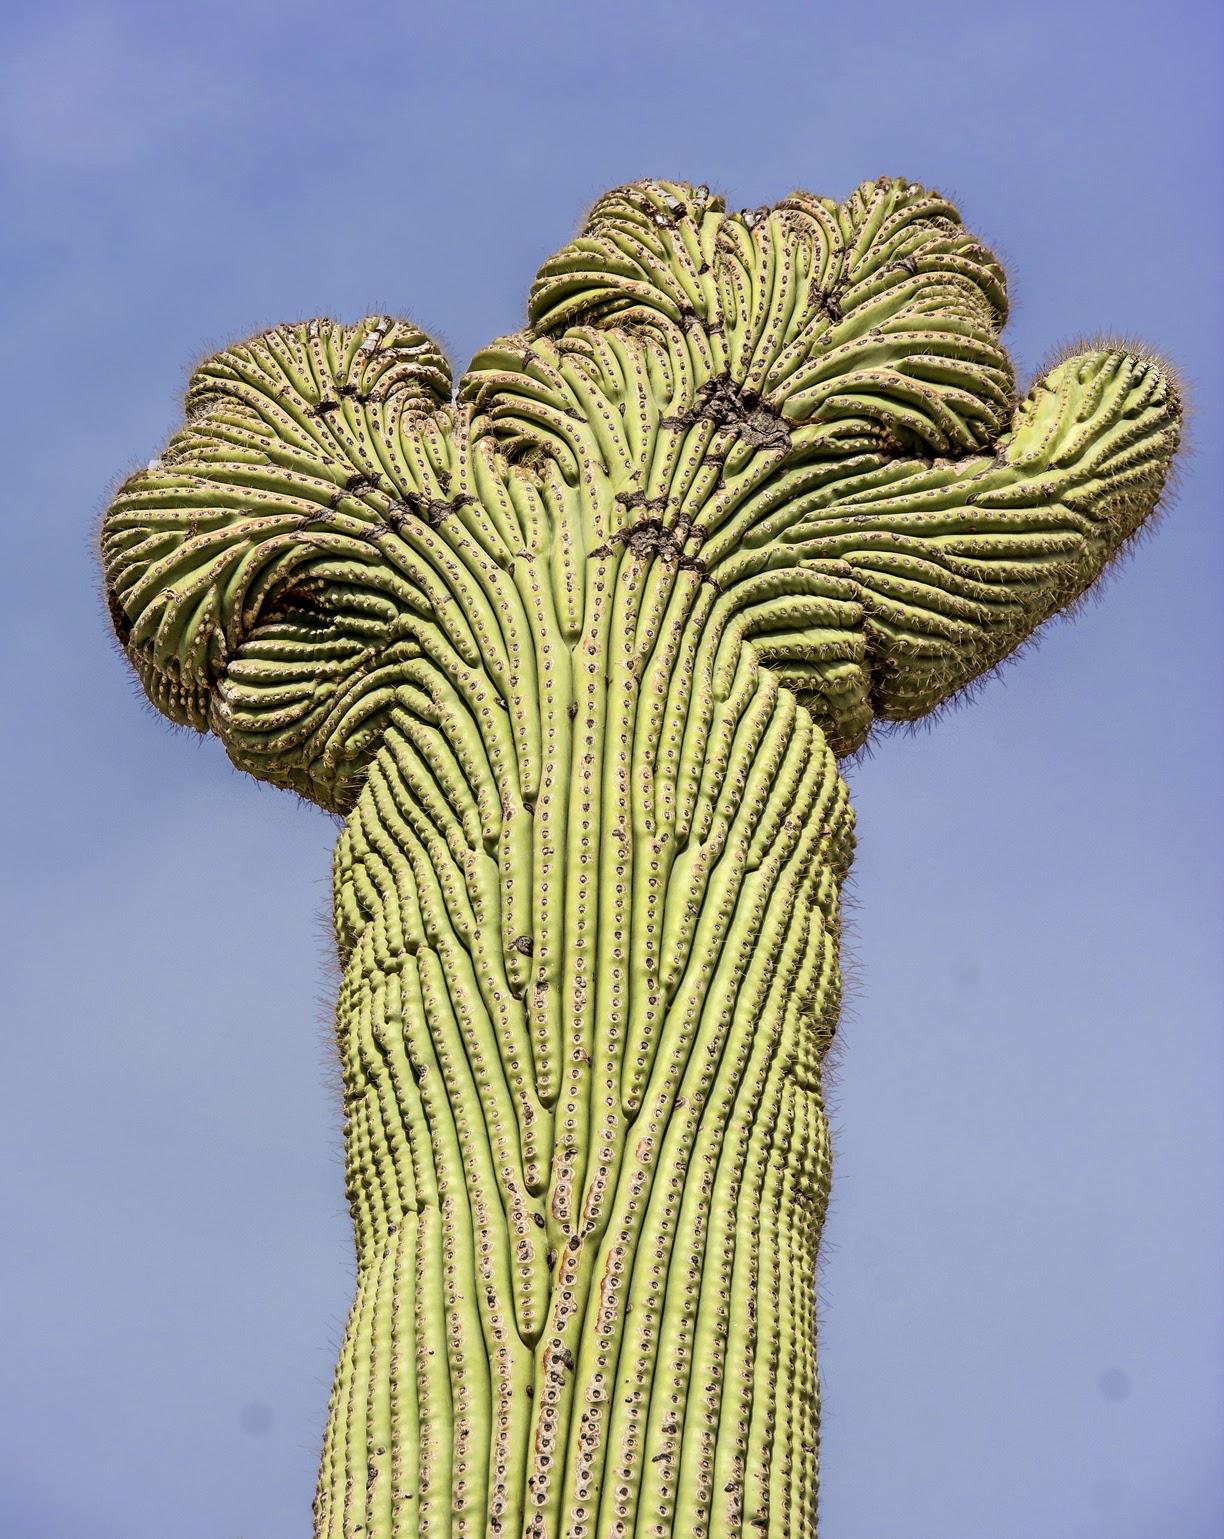 Wrap Pure - Saguaro 2 Par Vida Vida TWDXJ2xHu